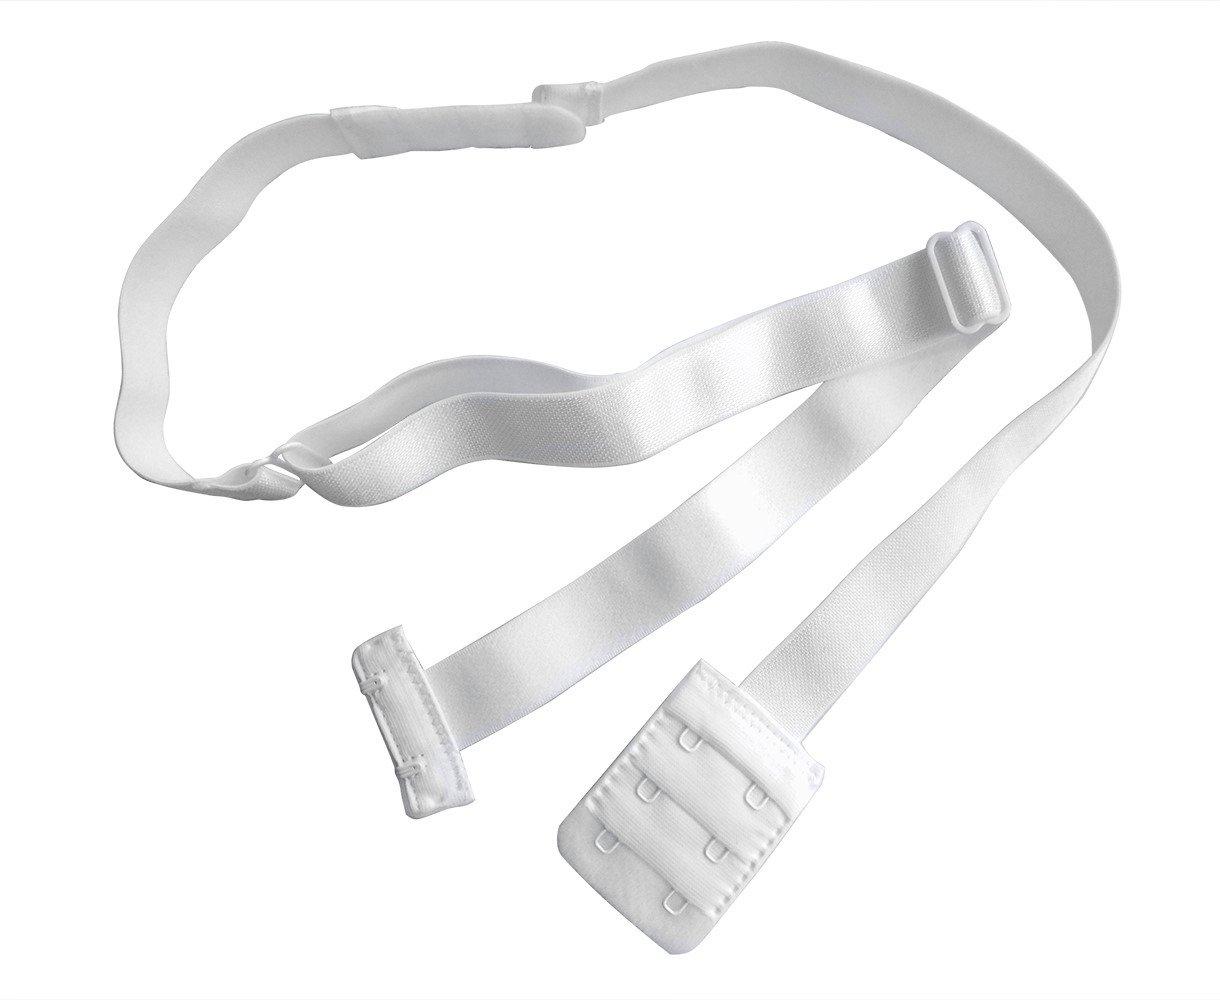 Lady's Adjustable Low Back Bra Converter Straps 2 Hook Black White Beige